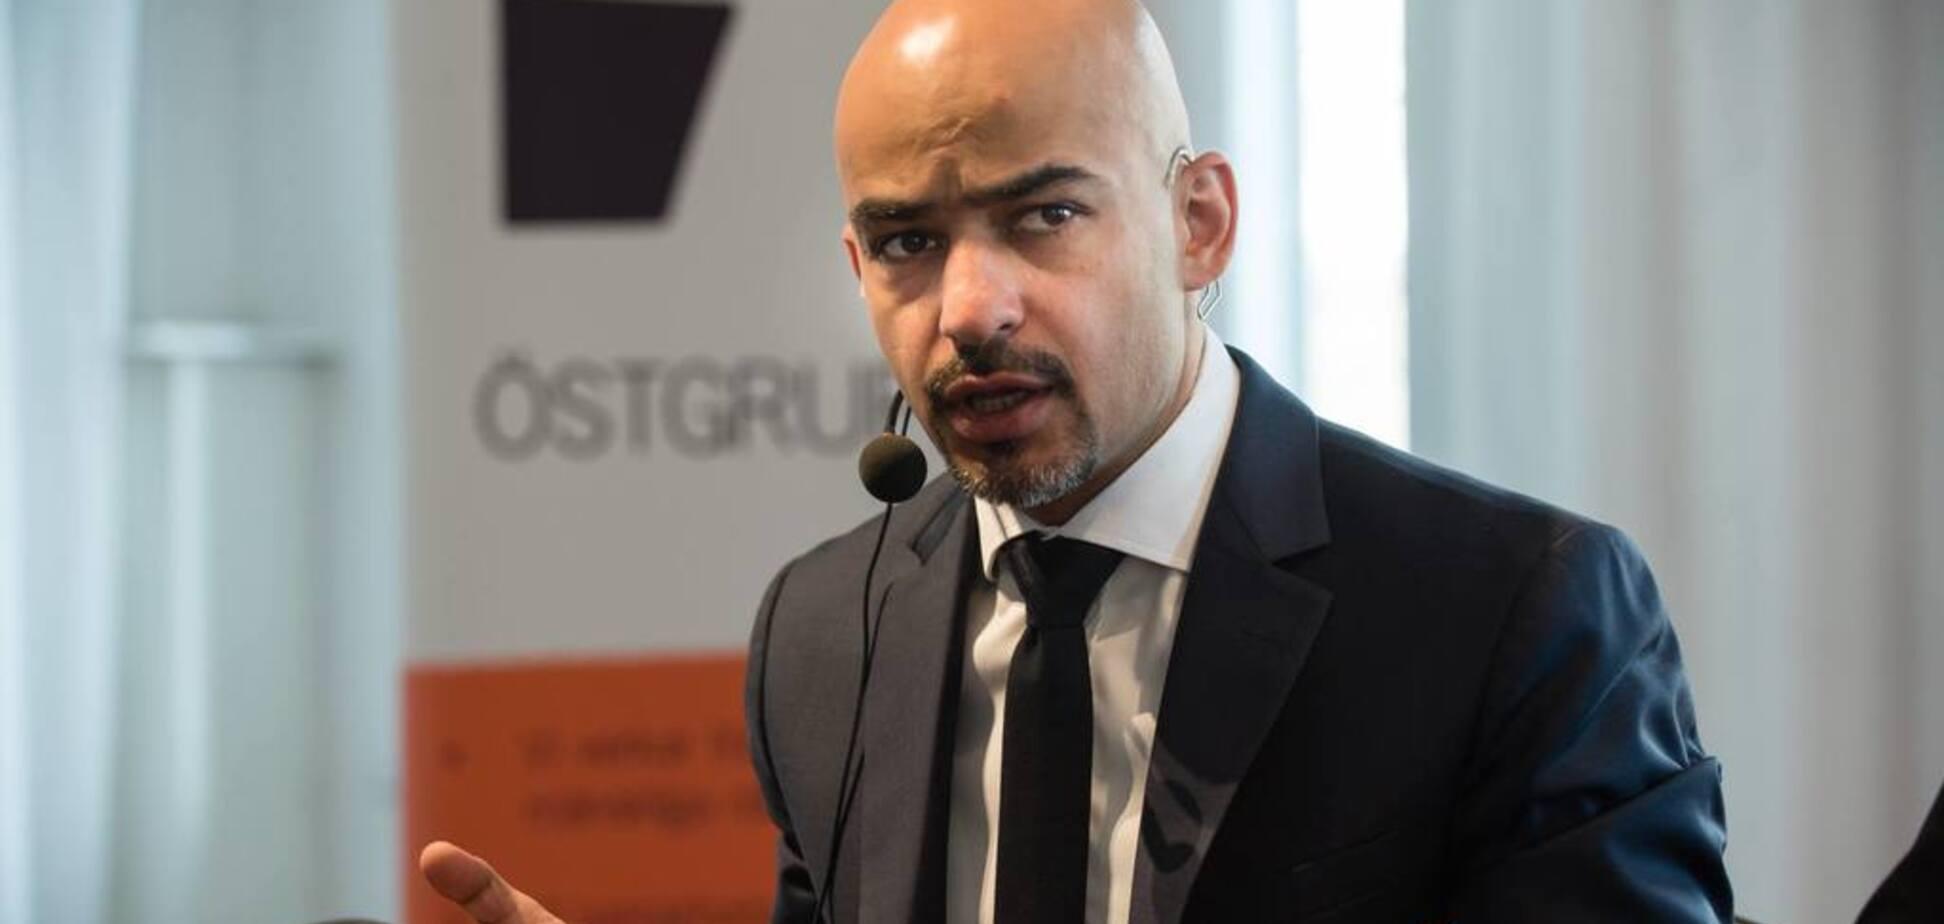 'Символично и правильно': Найем объяснил, почему покидает БПП